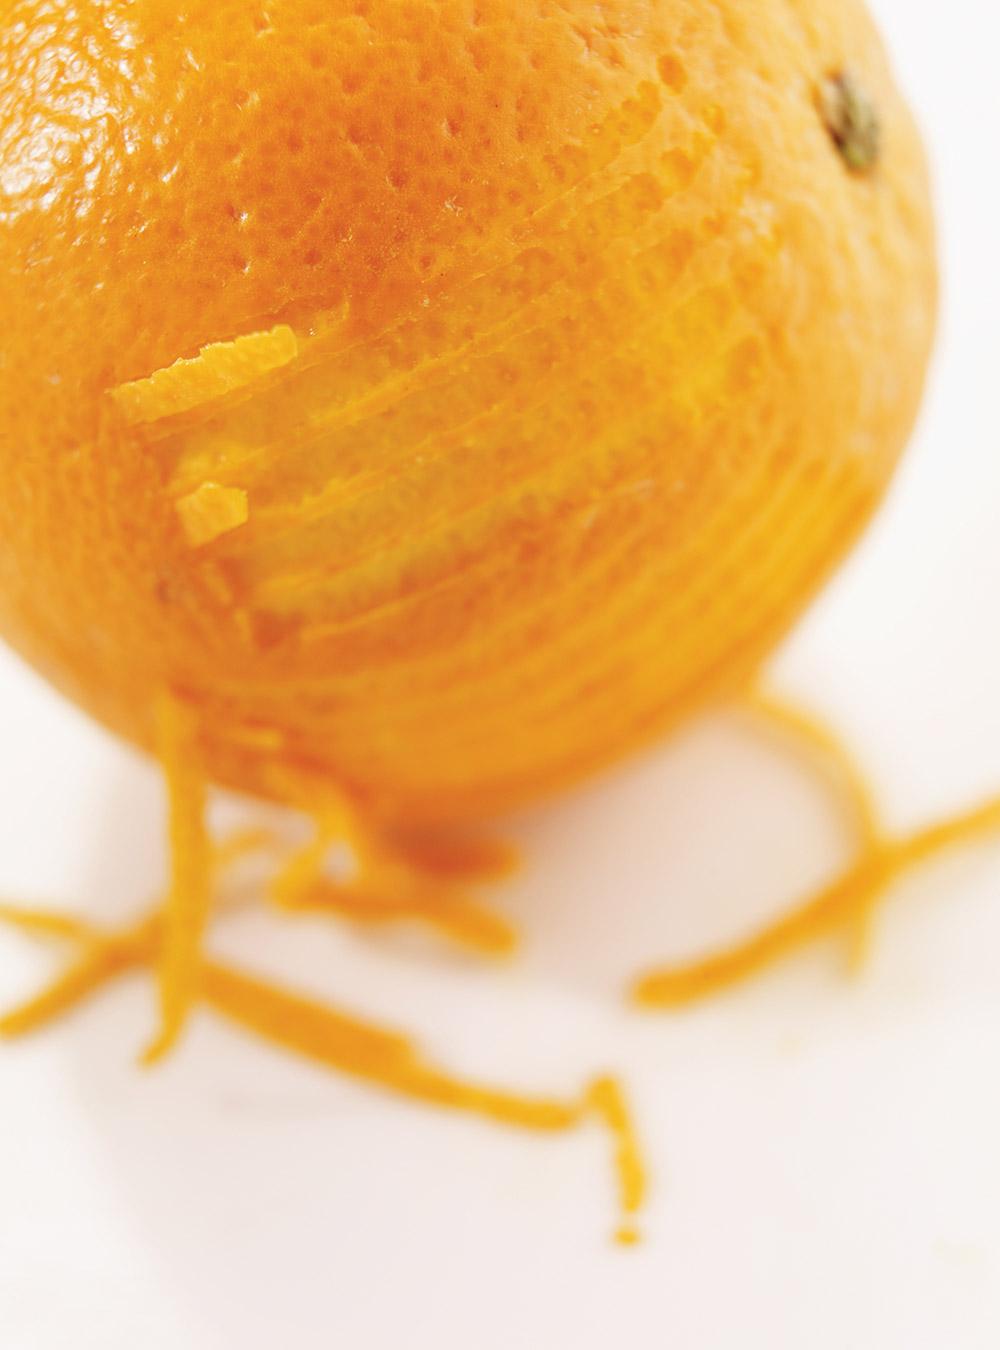 Gelée de jus de fruit (2) | ricardo